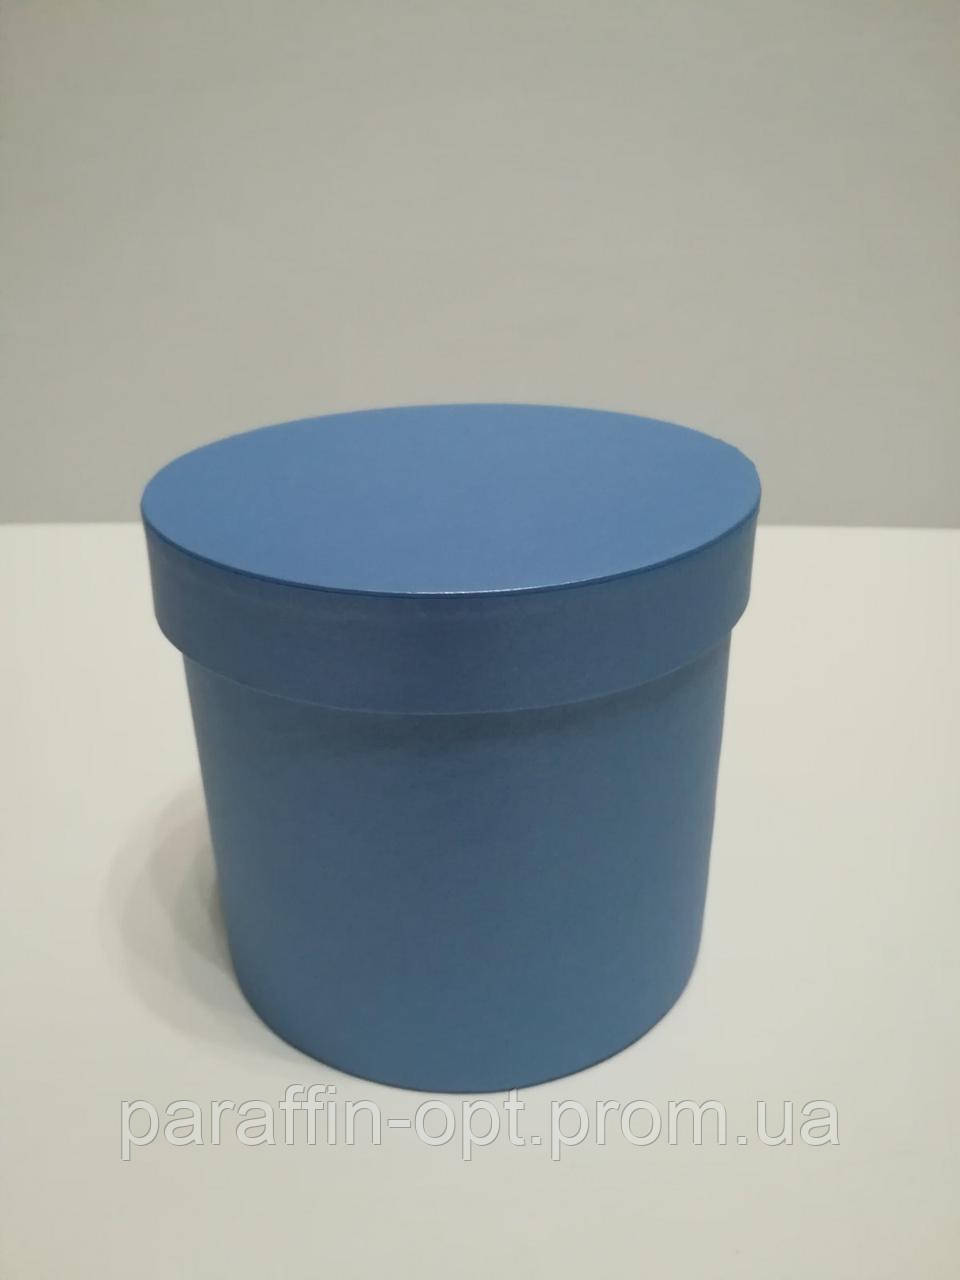 Подарочная коробка в форме шляпы цвет-синяя перламутровая